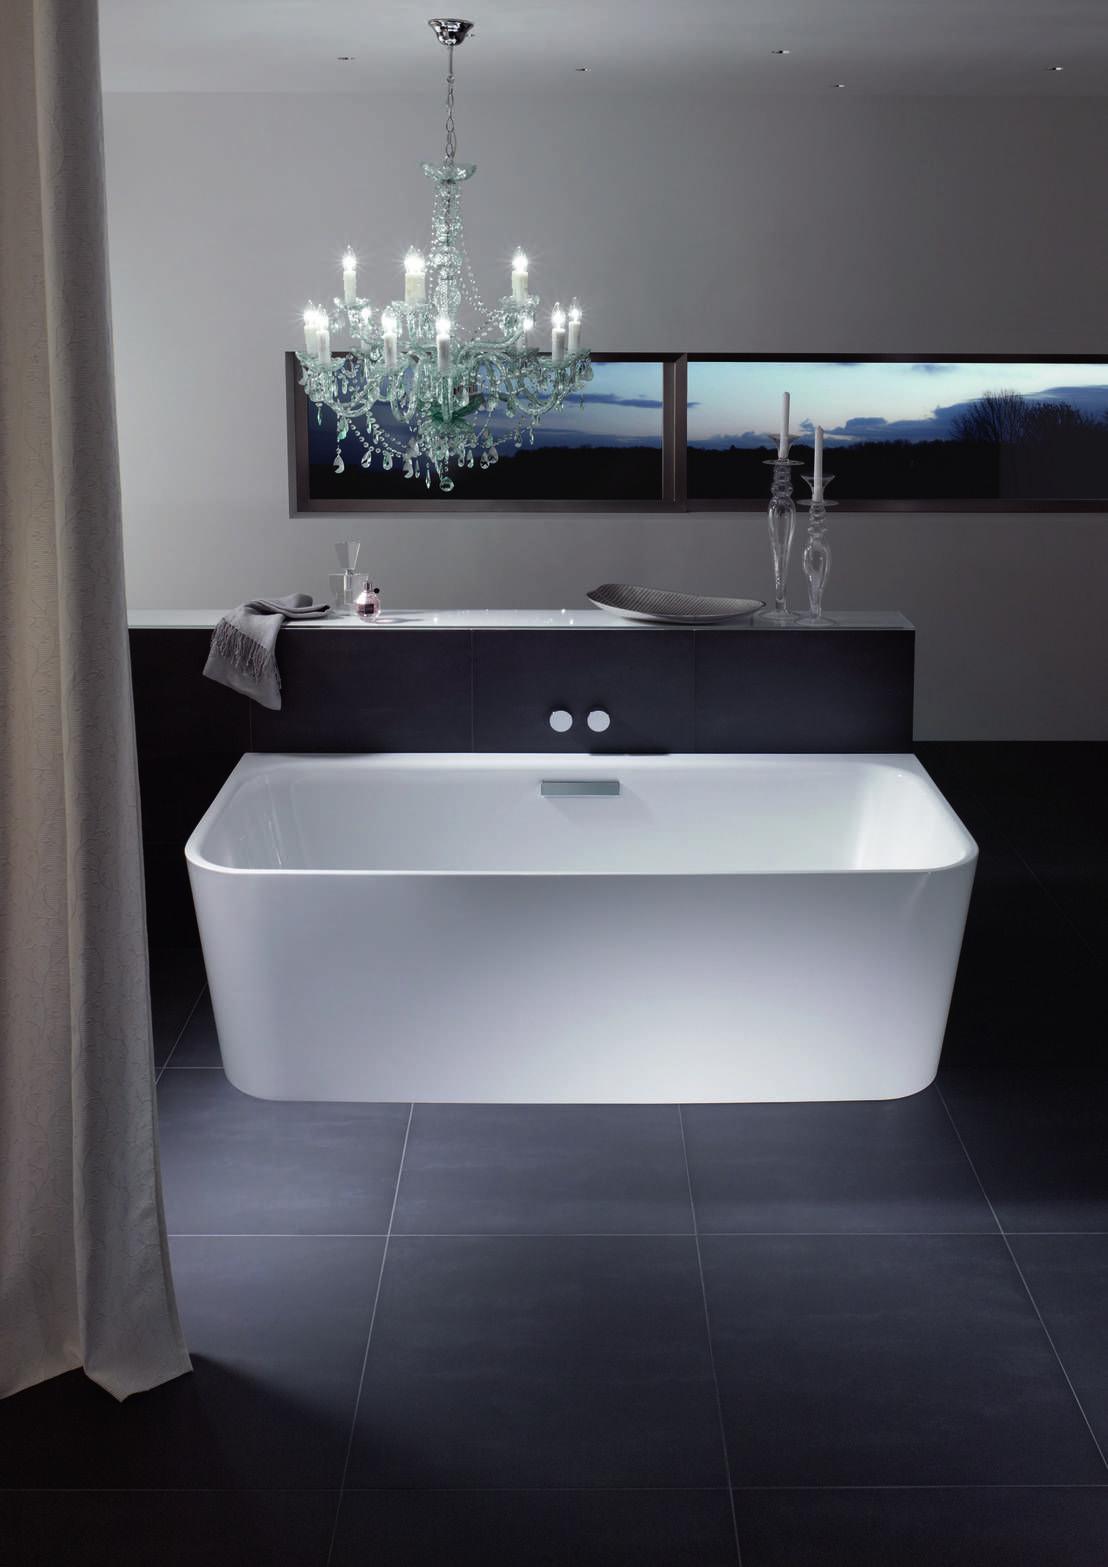 Betteart Designpreis Fur Badewannen Innovation Mit Bildern Badewanne Traumhafte Badezimmer Badezimmer Beispiele